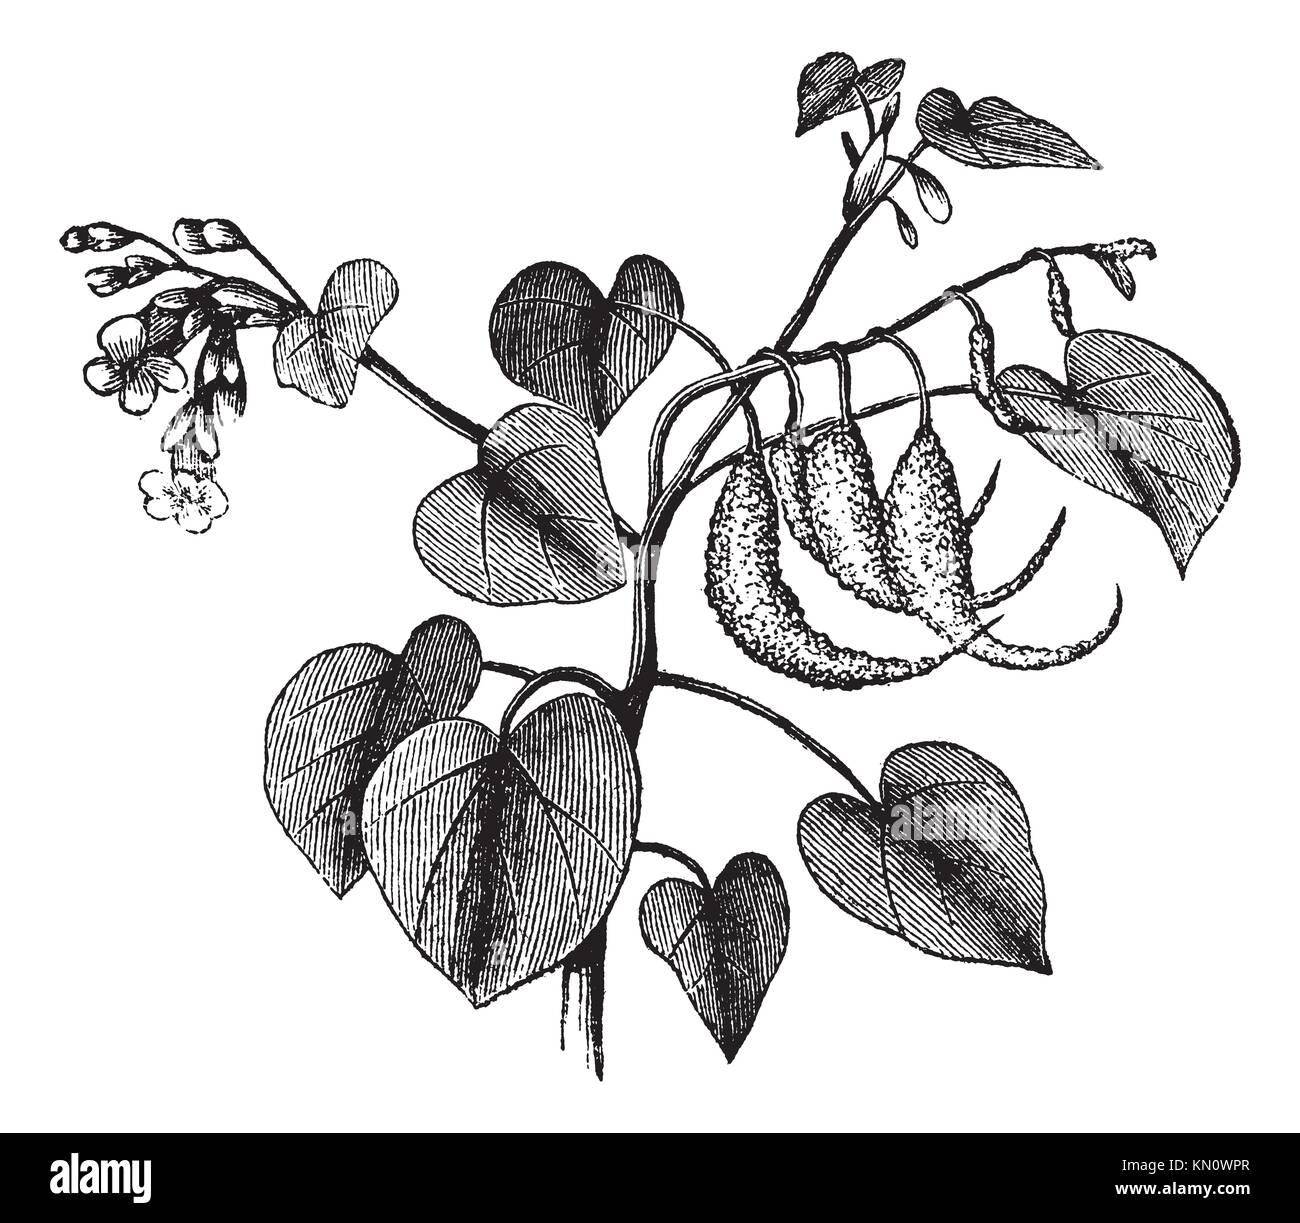 Ram´s horn or Proboscidea louisianica or Martynia proboscidea or Devil´s claw or Devil´s horn or - Stock Image